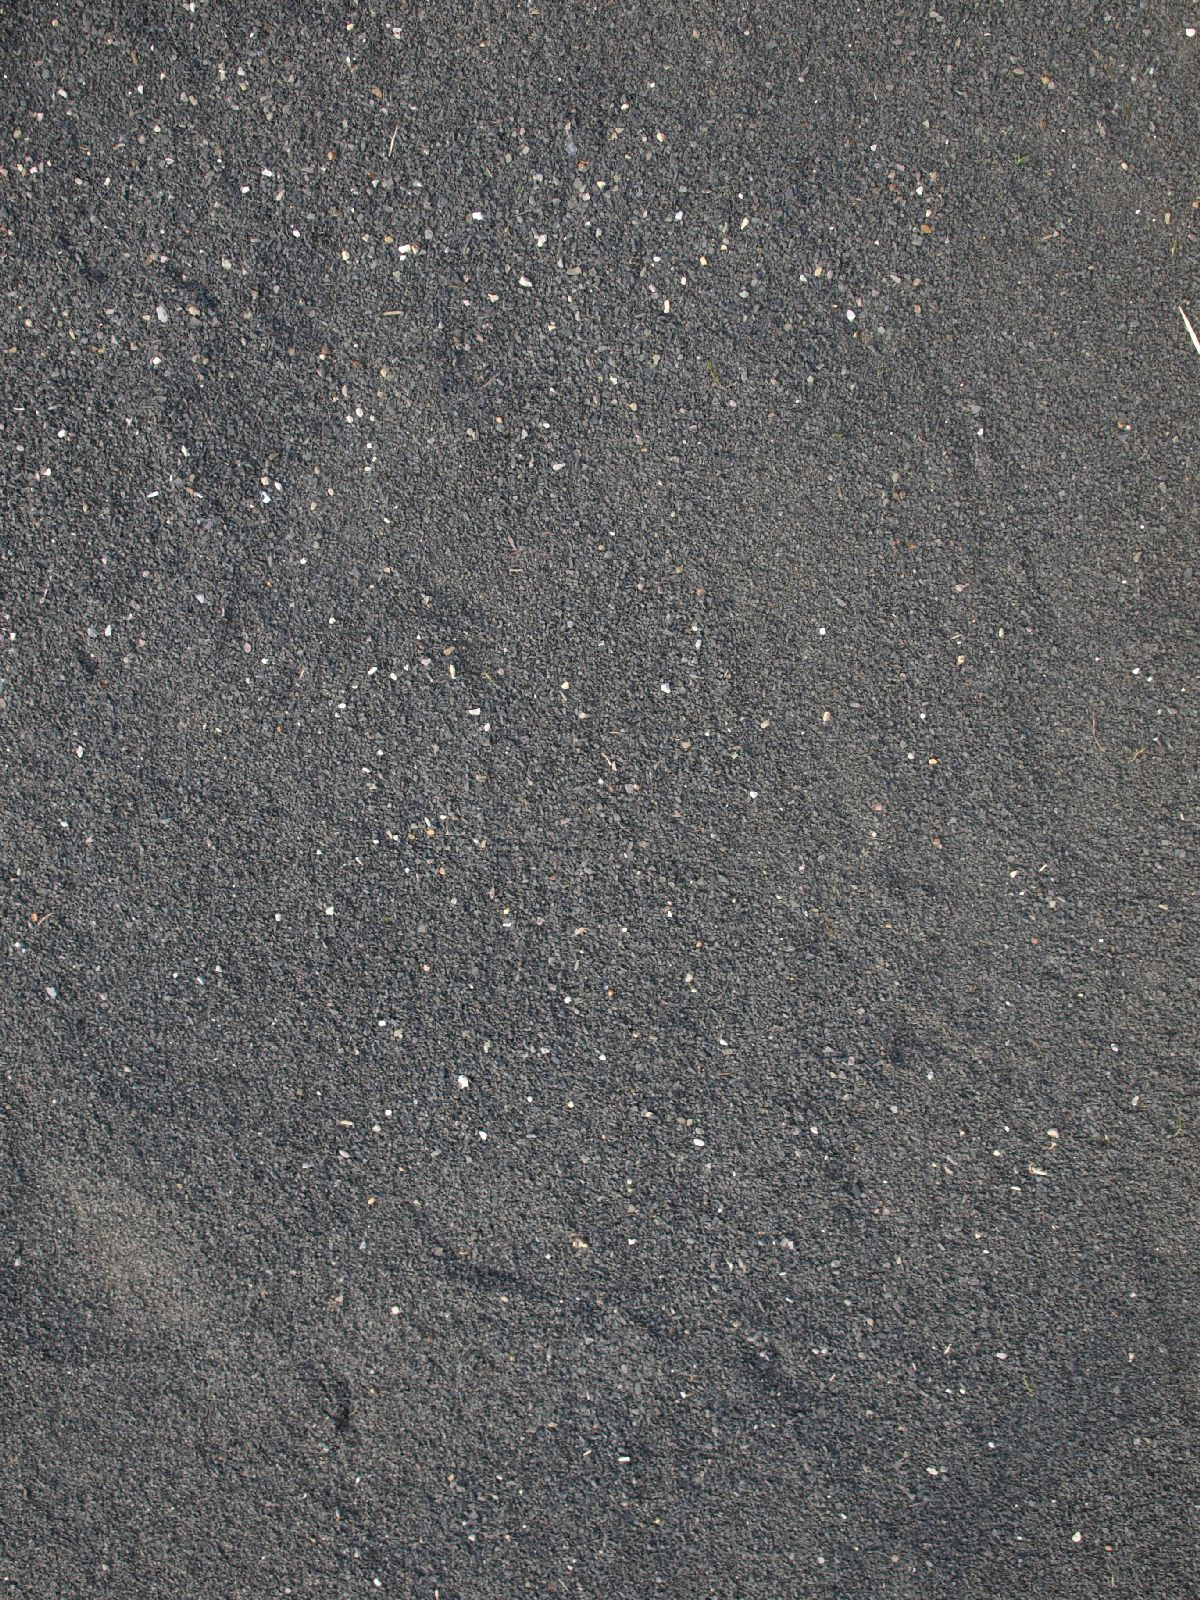 Boden-Erde-Steine_Textur_A_P4222588